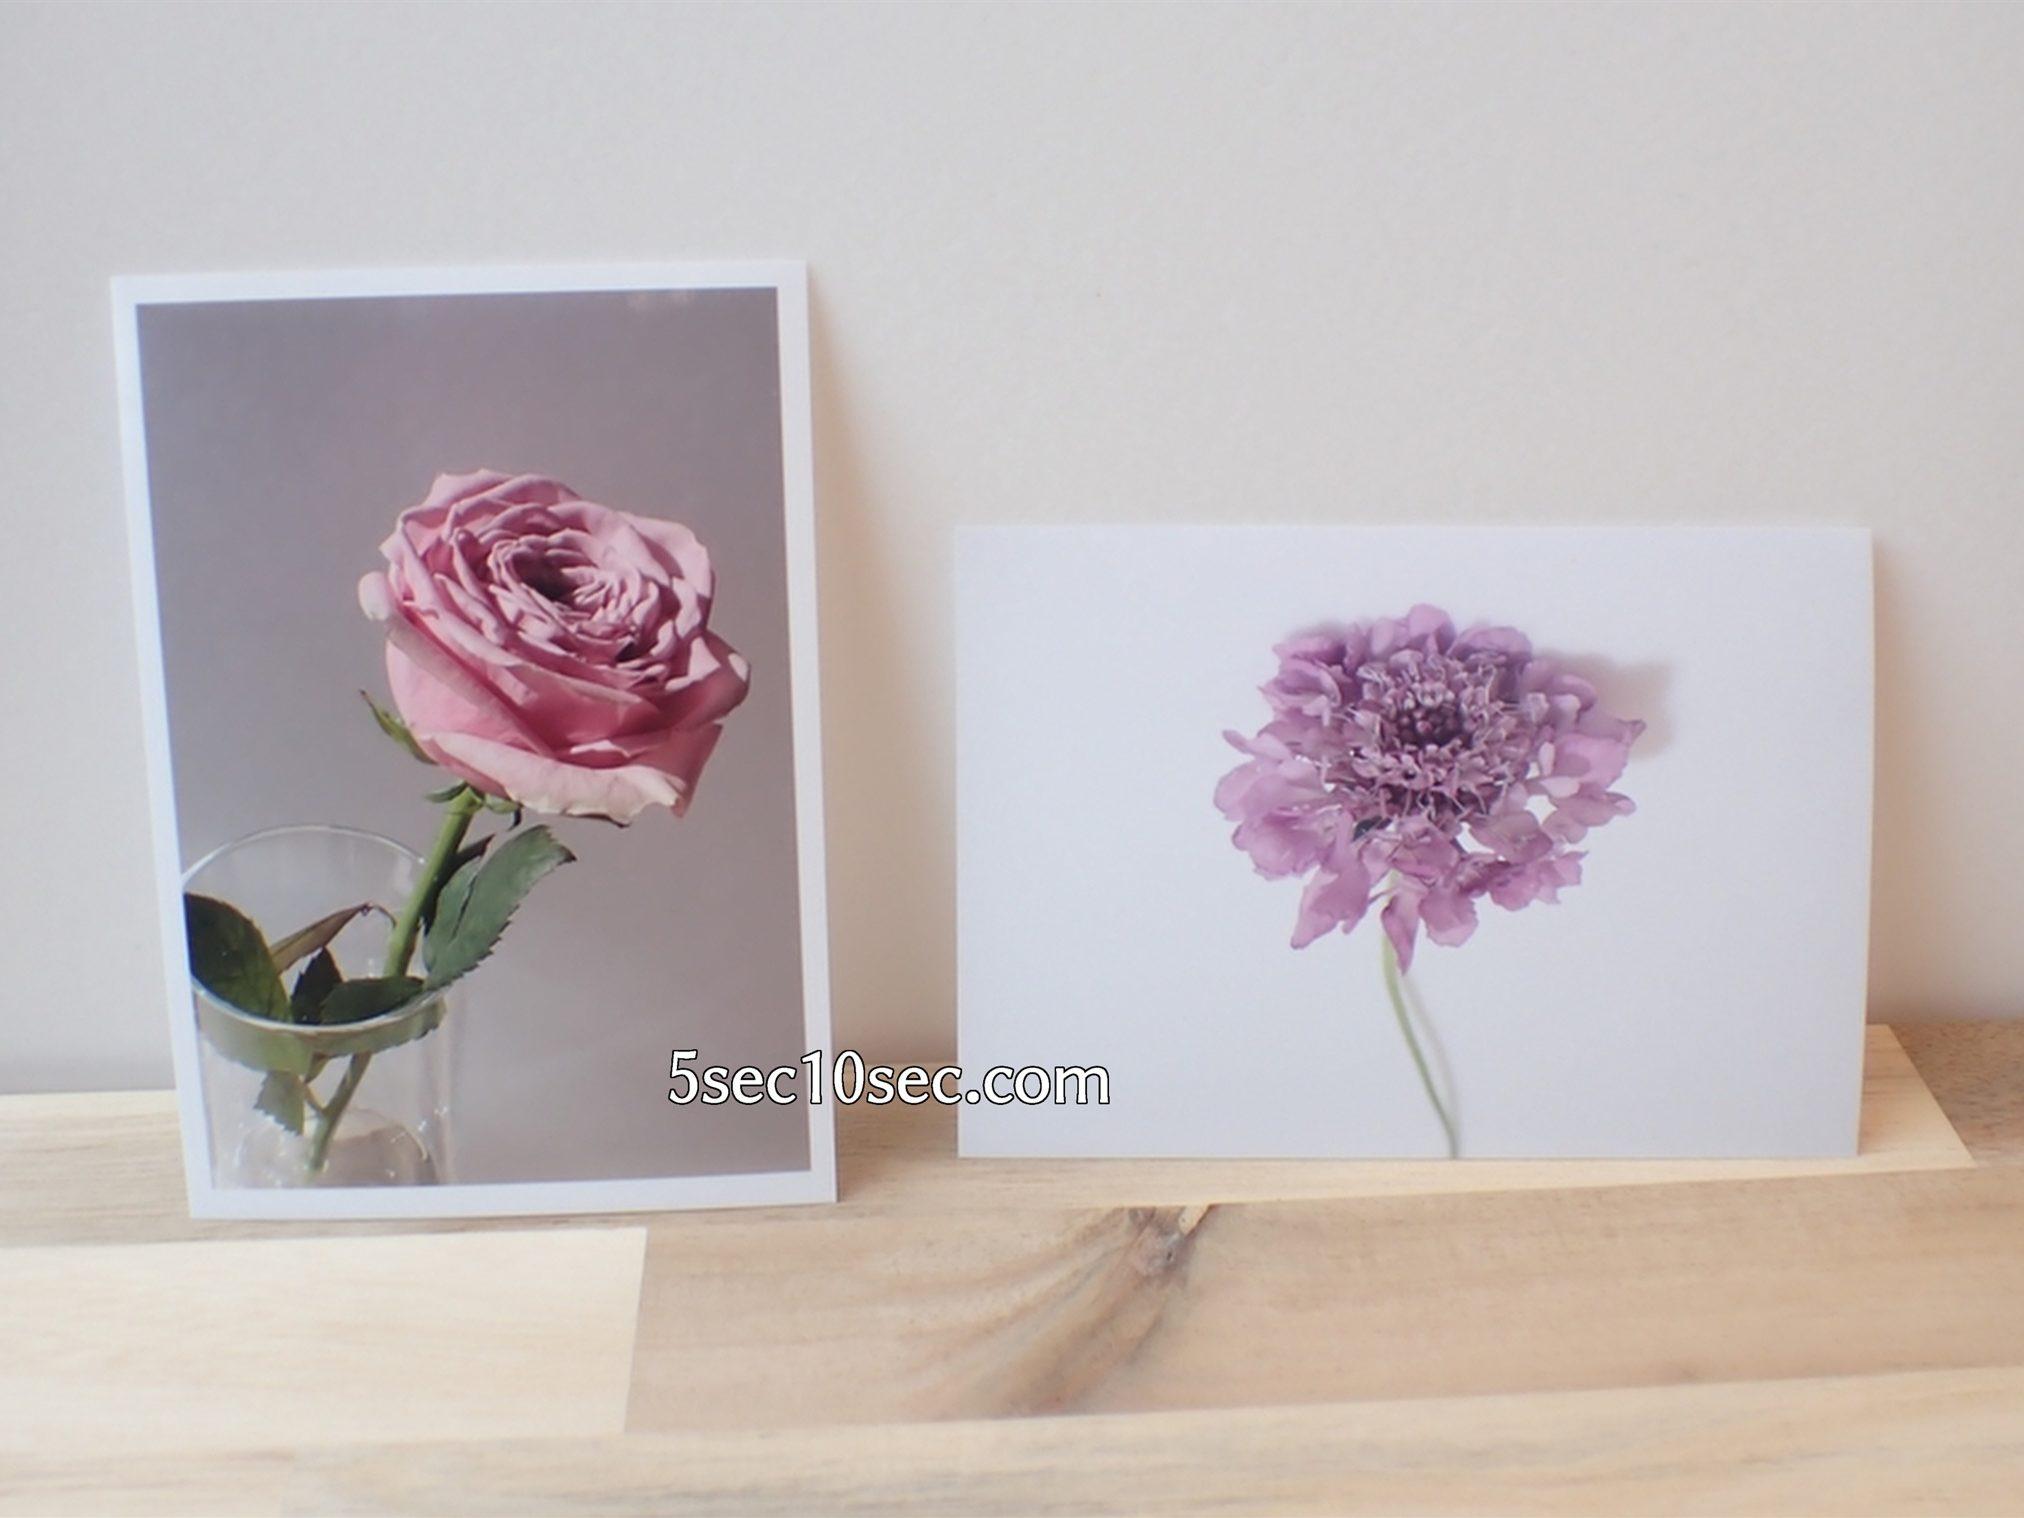 株式会社Crunch Style お花の定期便 Bloomee LIFE ブルーミーライフ レギュラープラン 切り花、生花を写真にして楽しむ、お花の楽しみ方